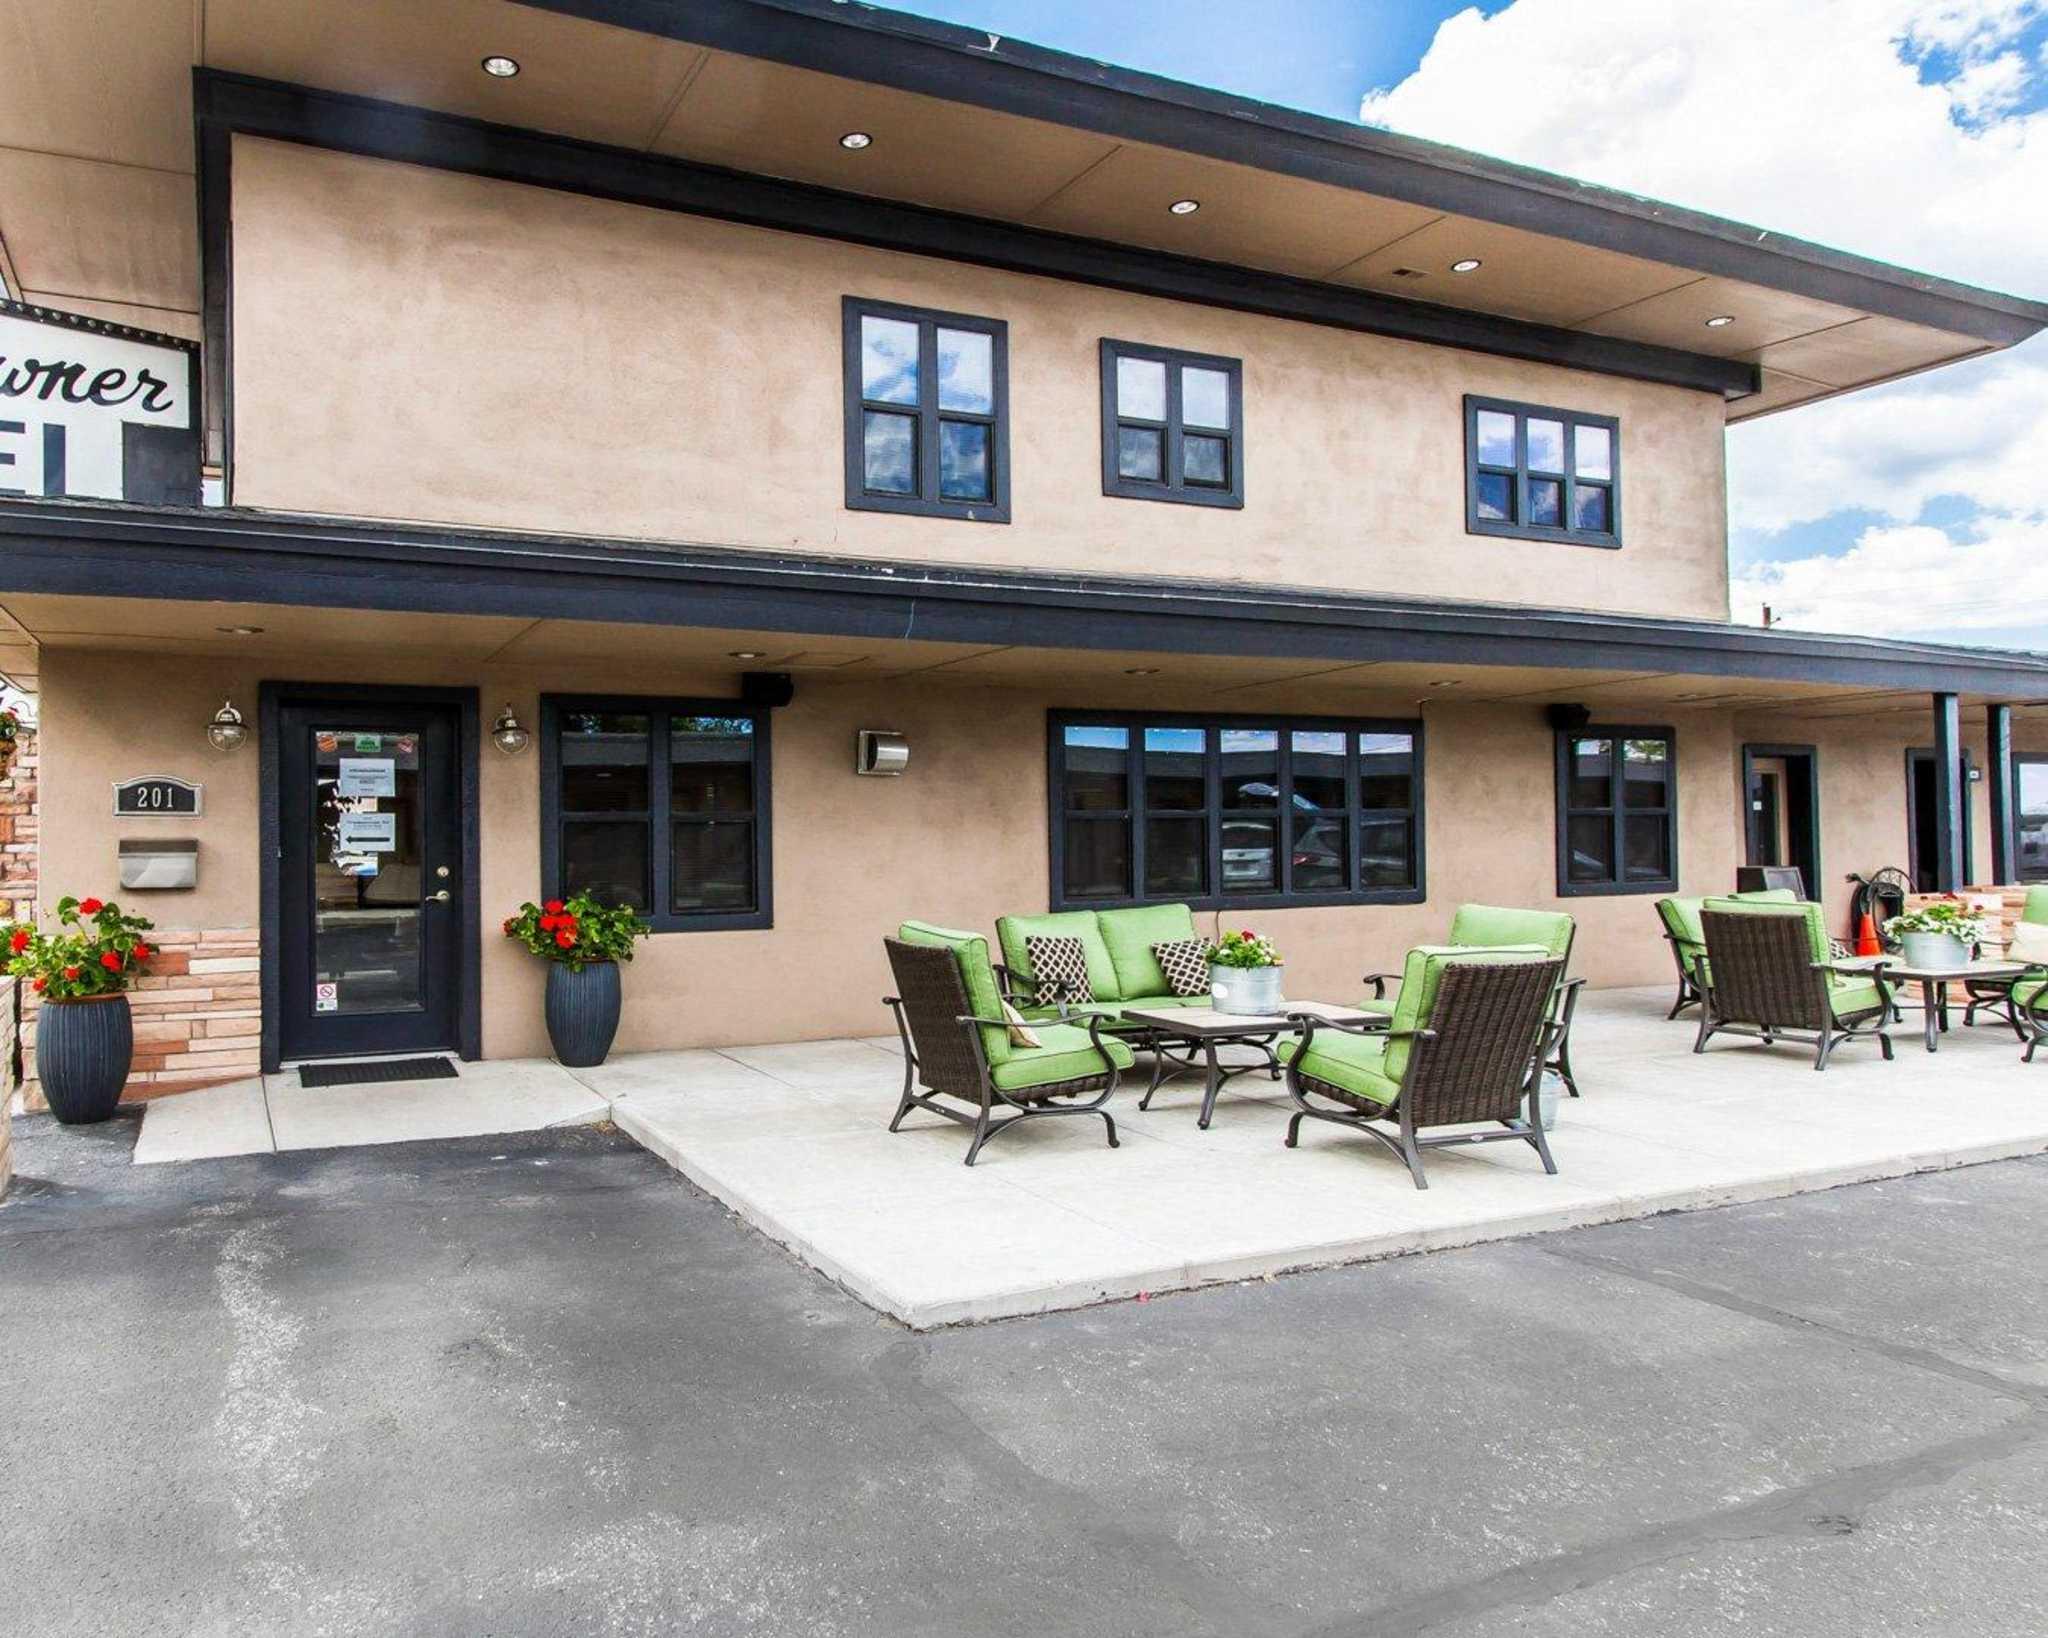 Rodeway Inn & Suites Downtowner-Rte 66 image 1